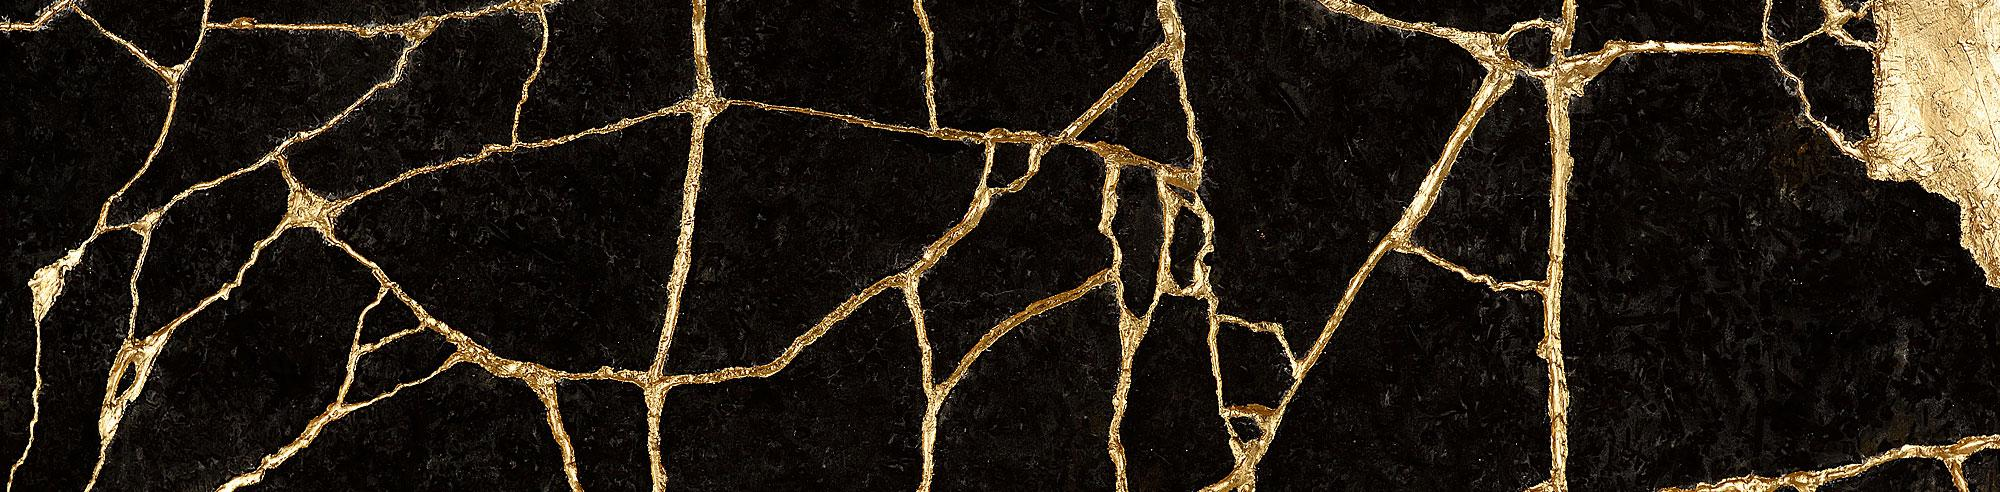 Meterous Agate Gold Veines